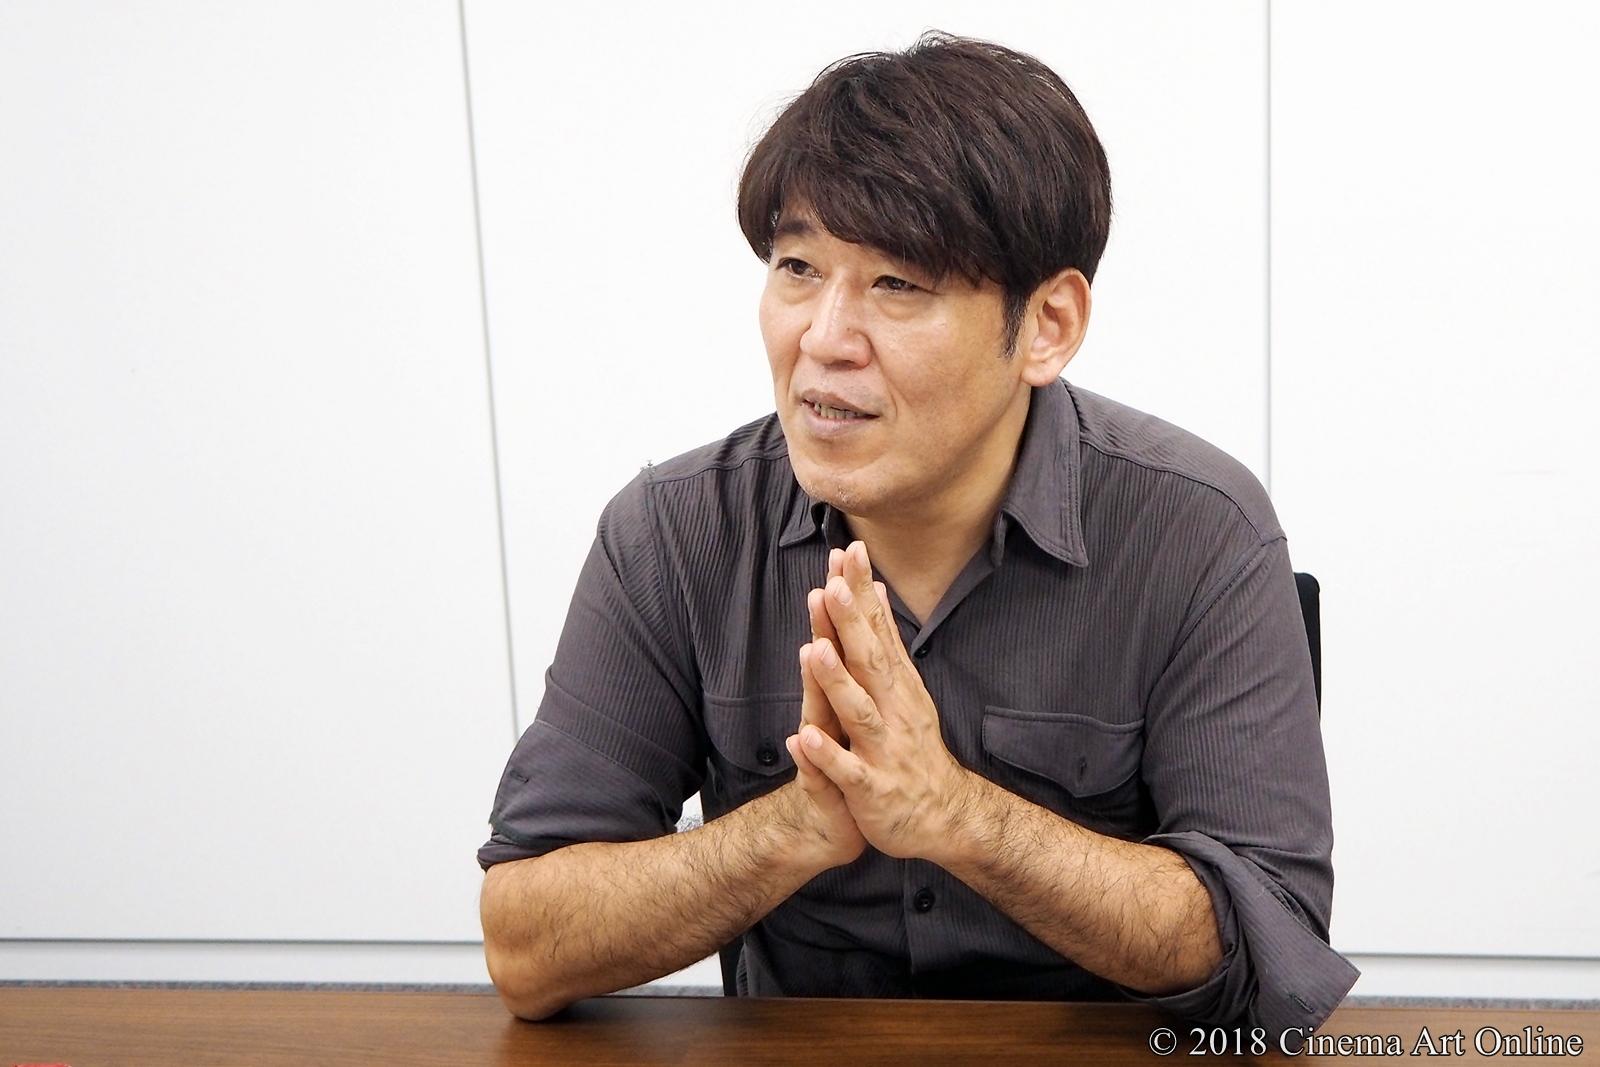 【写真】映画『母さんがどんなに僕を嫌いでも』原作者・歌川たいじインタビュー